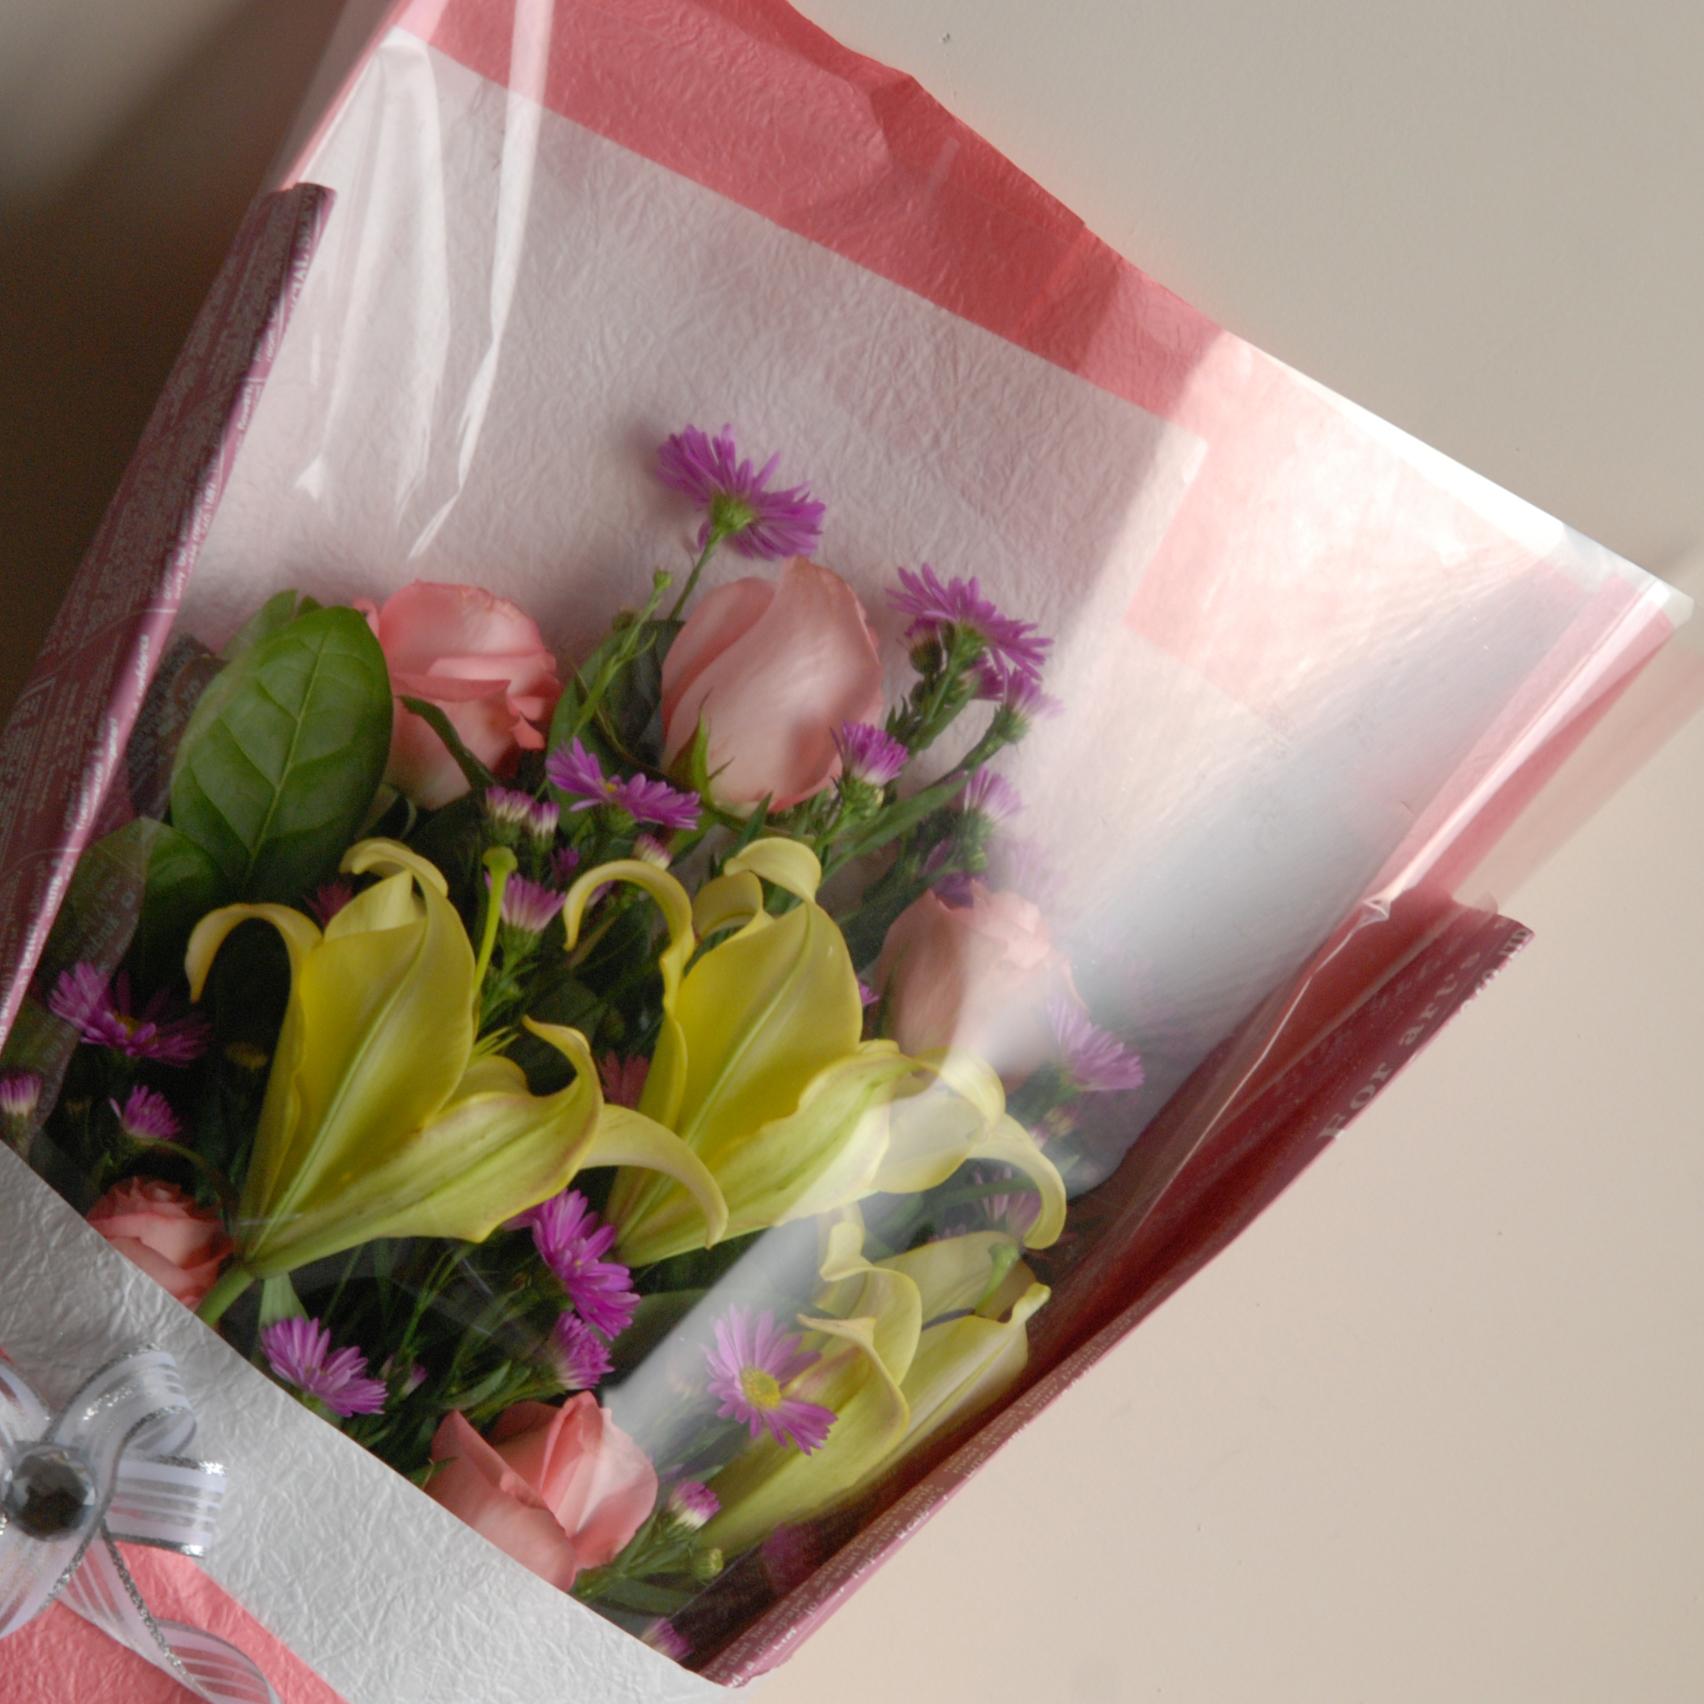 【巧繪網-FRL030007夢幻愛情】=多支特選玫瑰百合配當季新鮮花材=網路花店/傳情花束